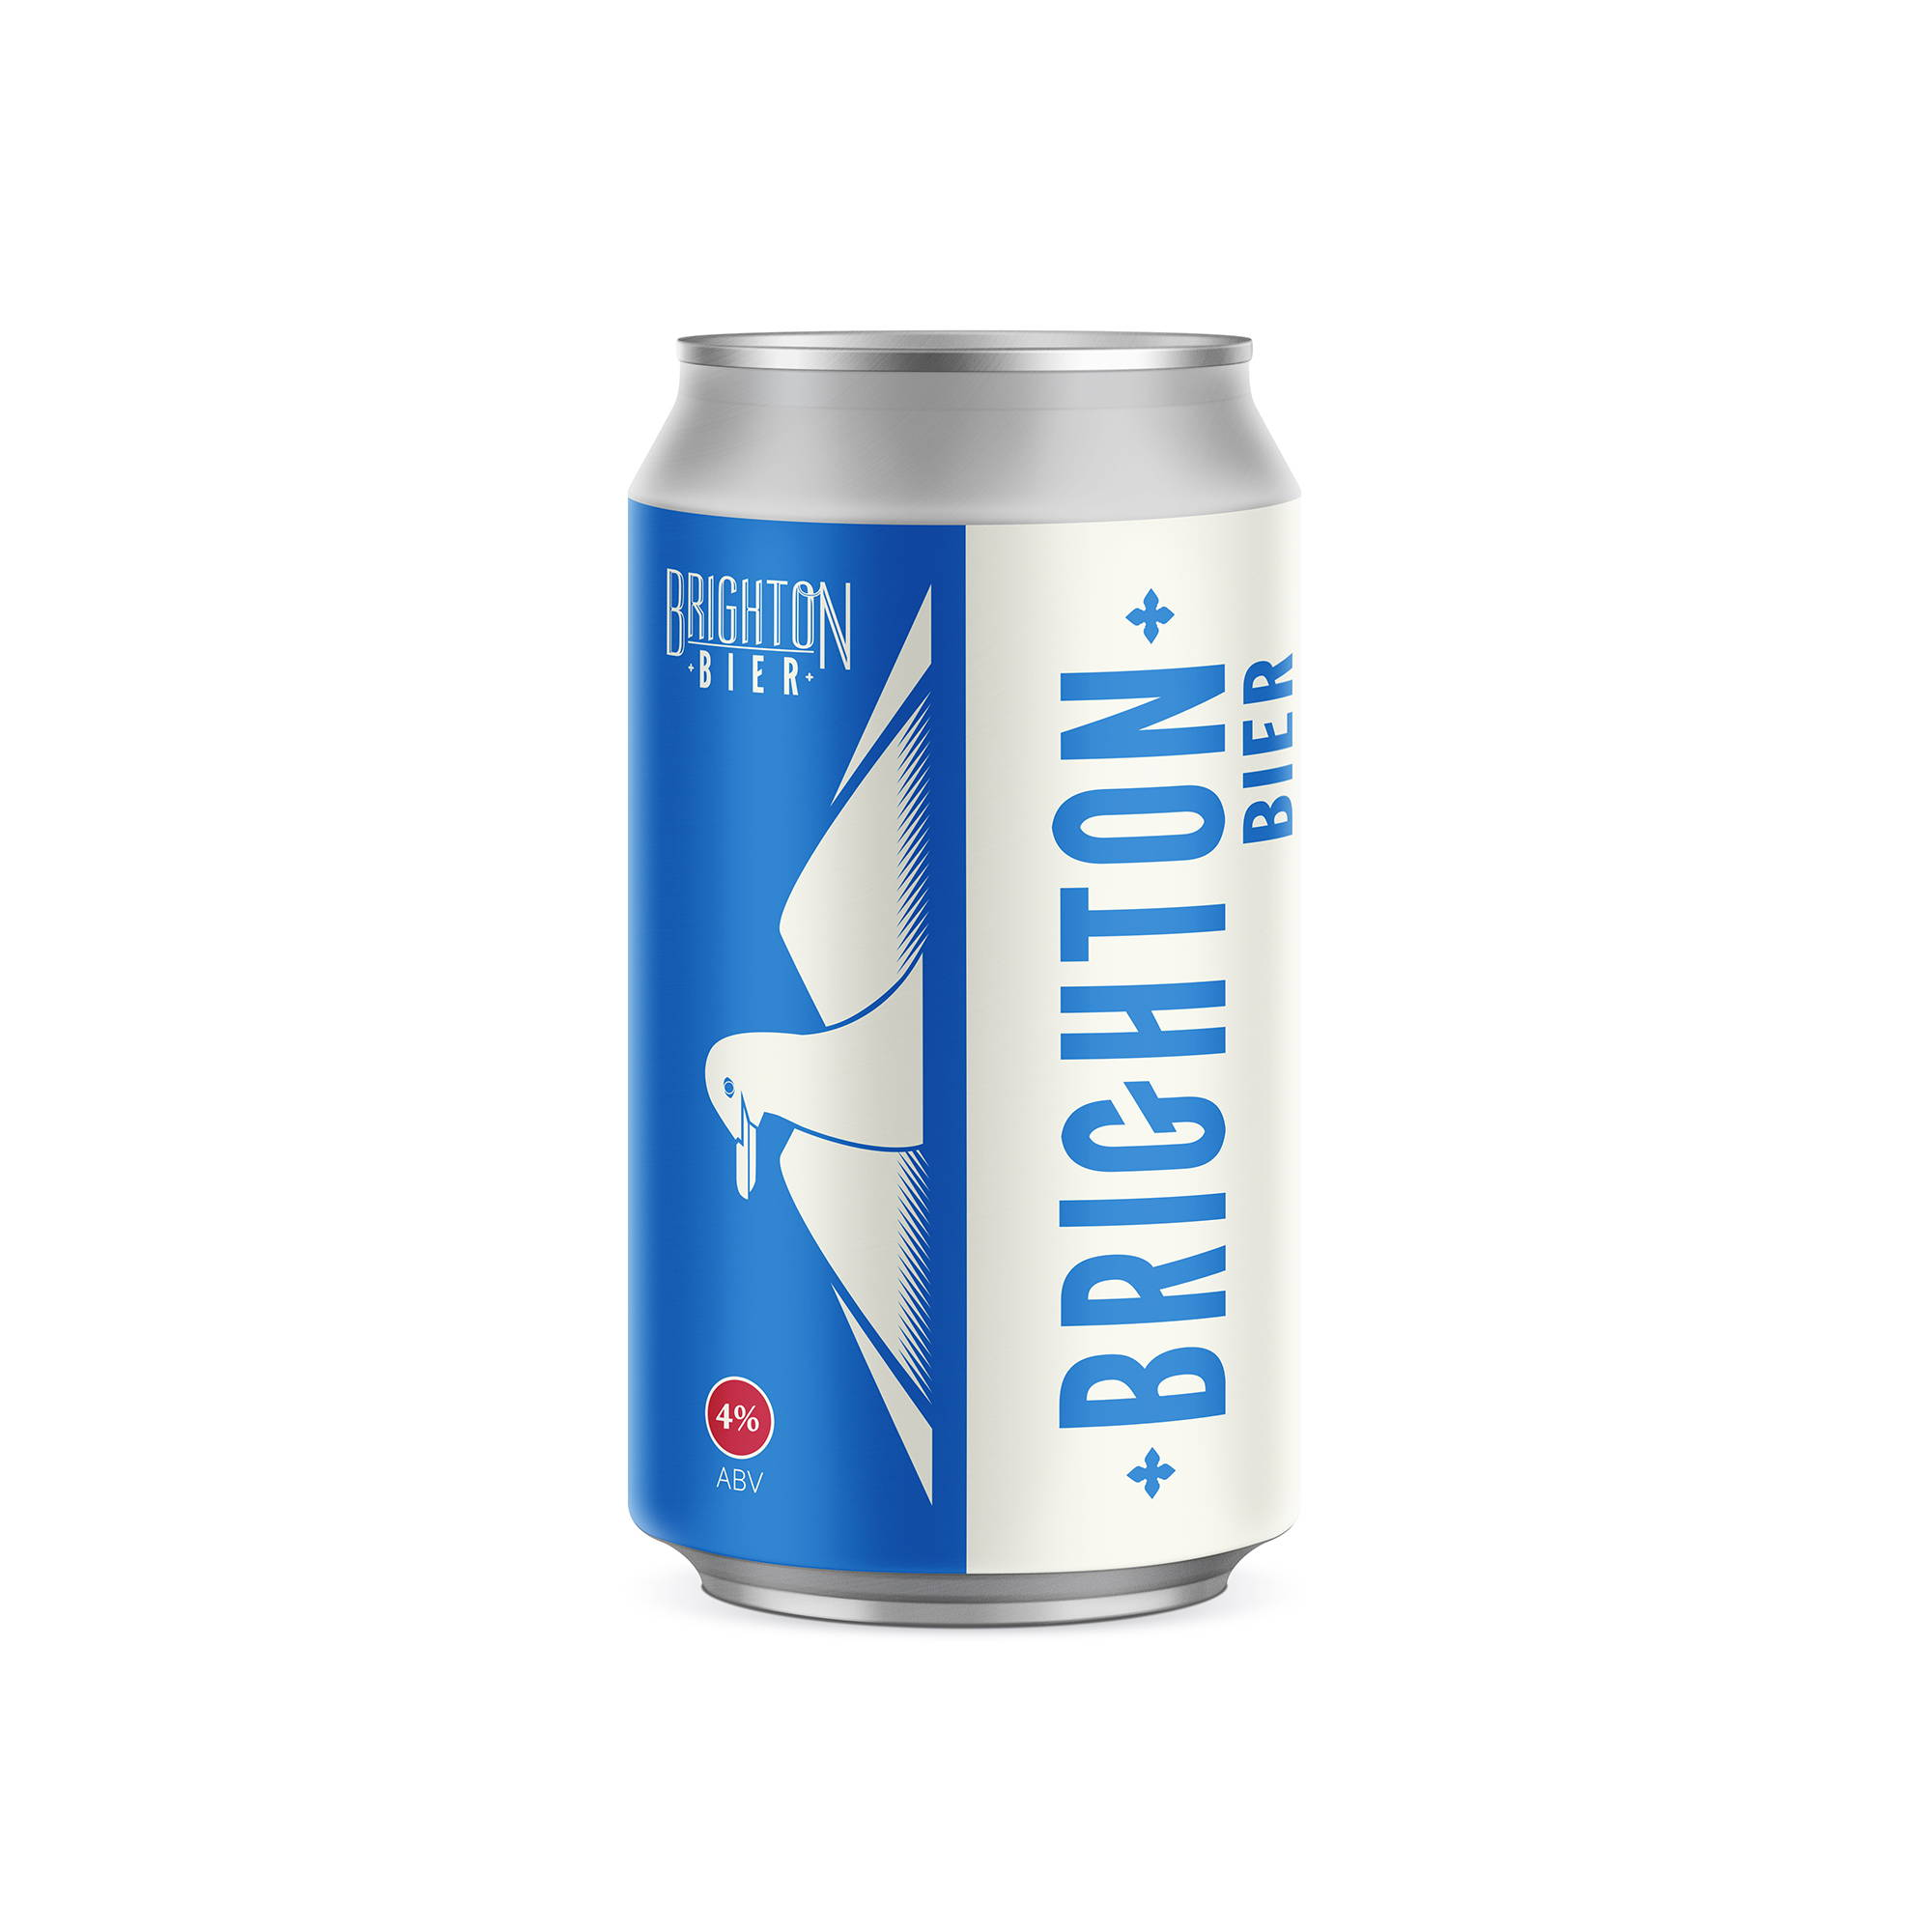 brighton-bier-can